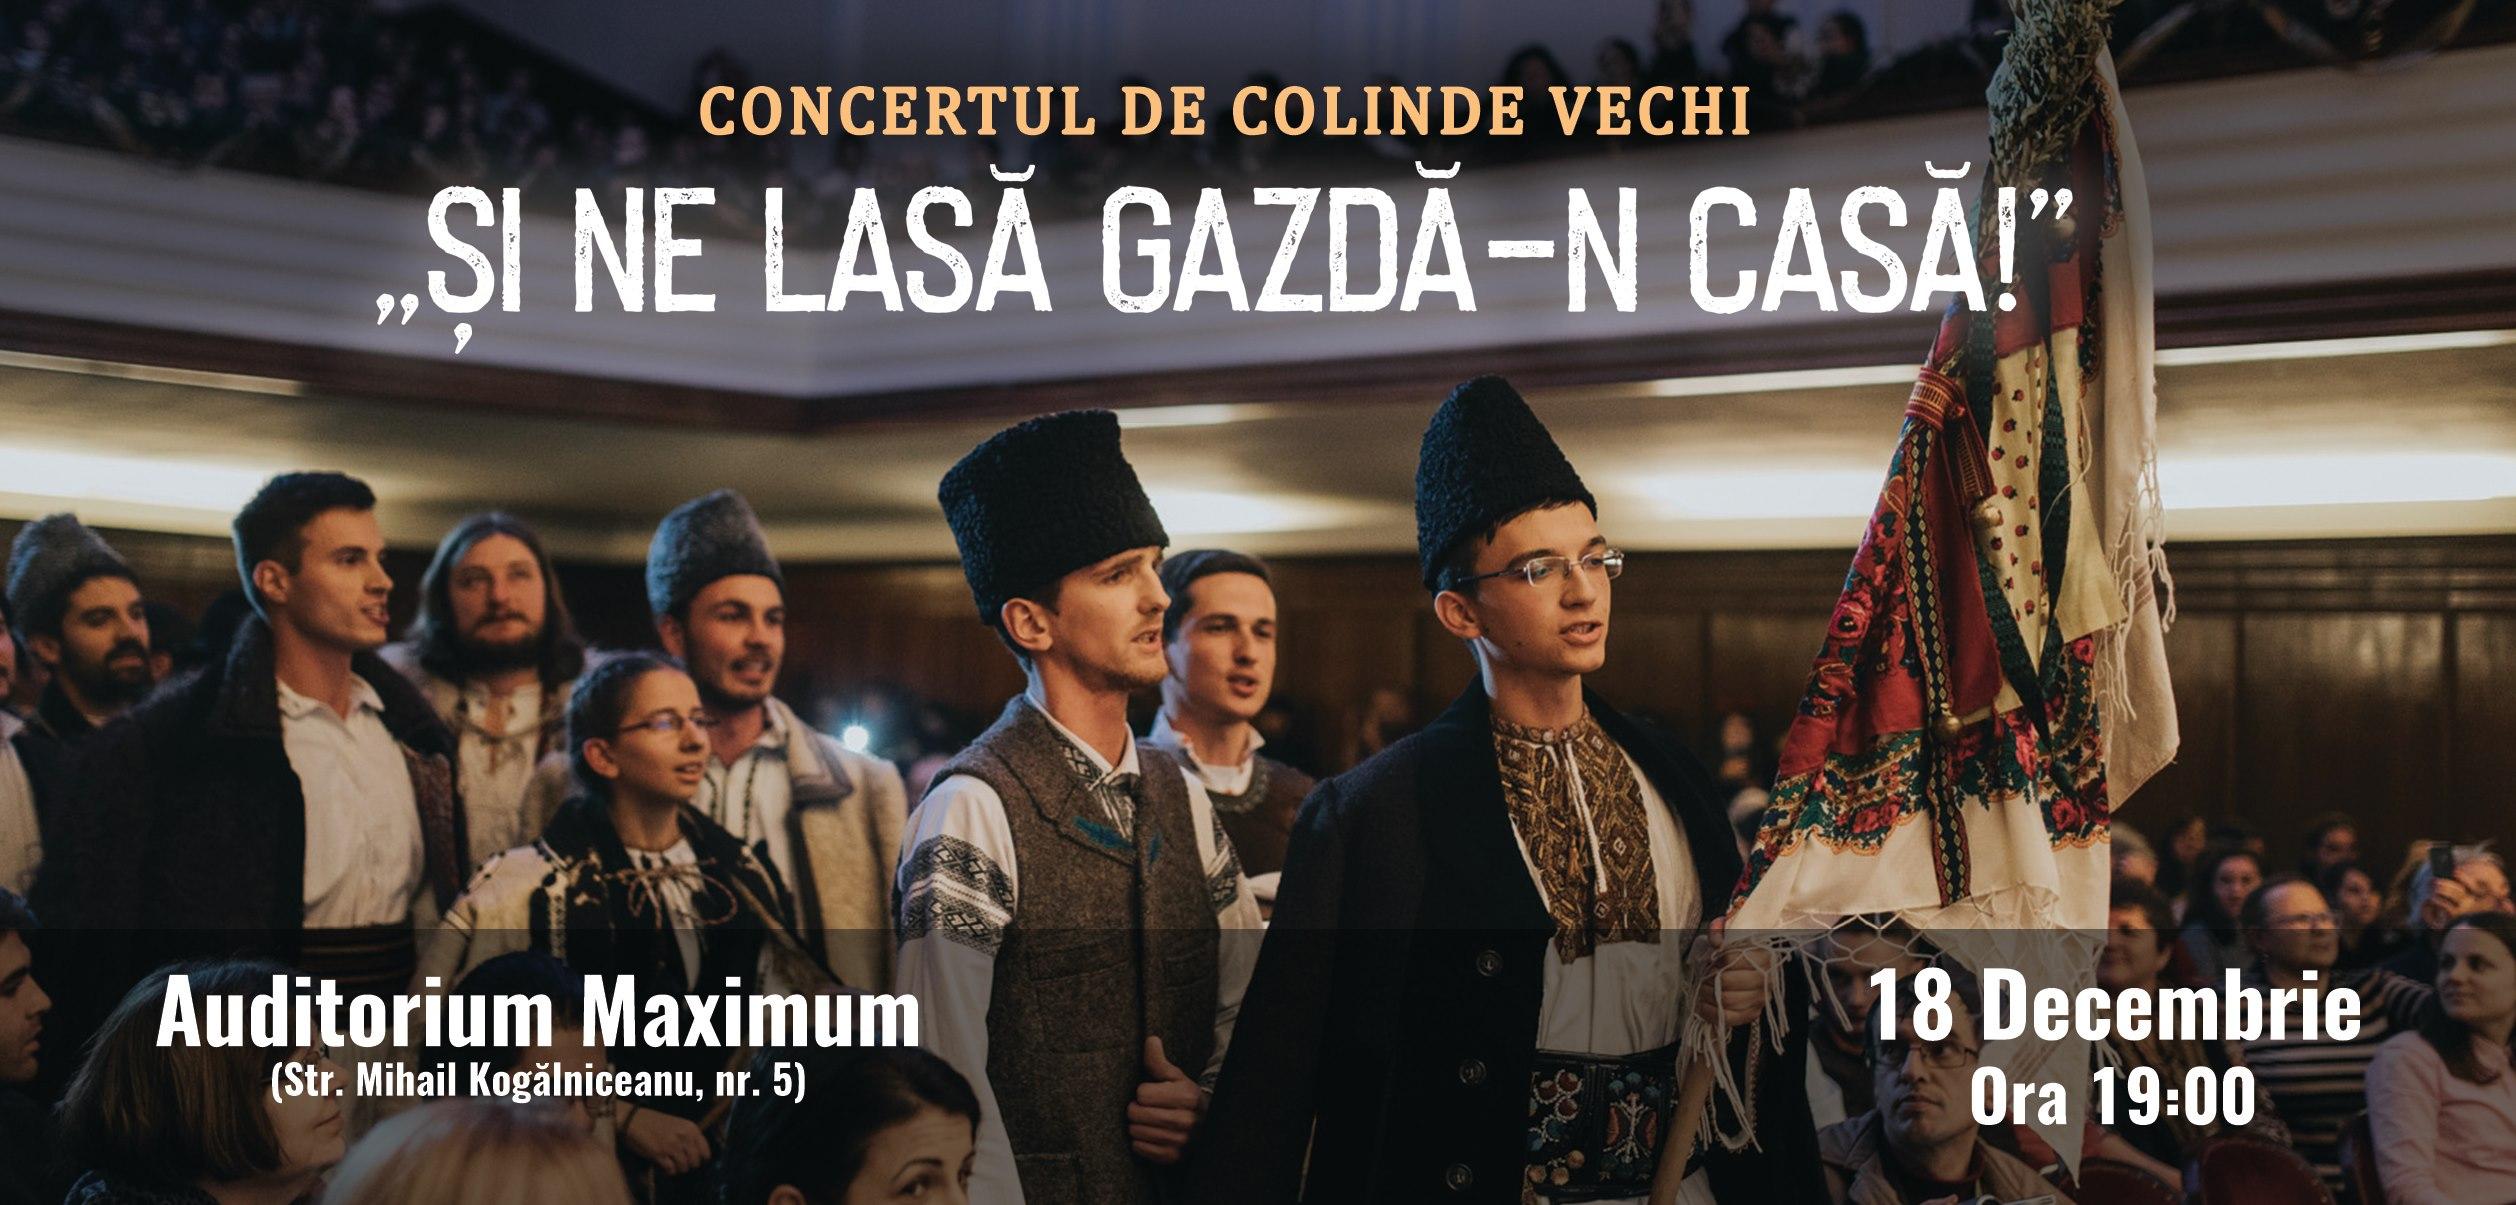 """Concert de colinde vechi: """"Și ne lasă Gazdă-n casă!"""""""